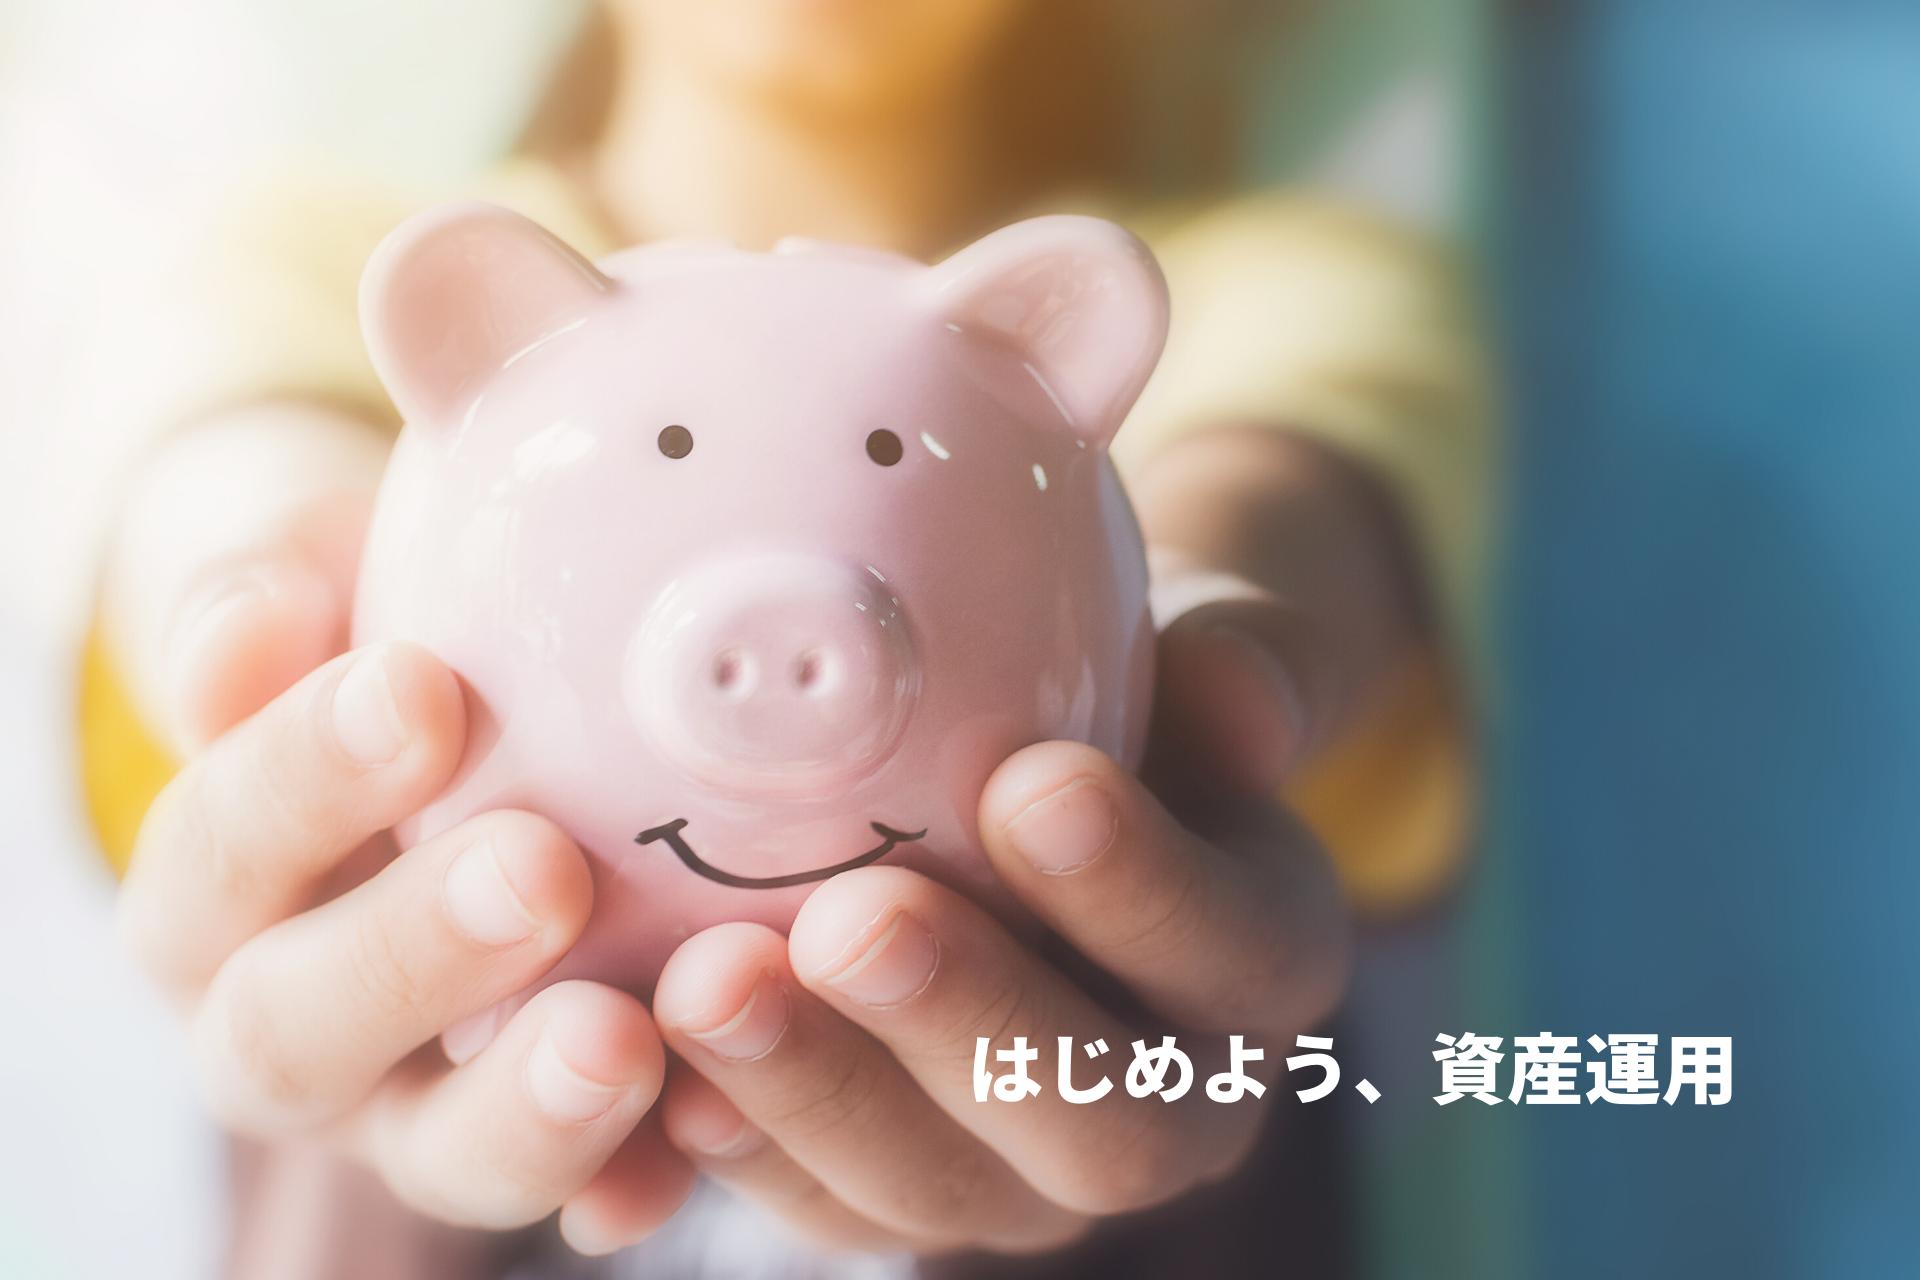 資産運用のオススメ3選!個人向け国債・外国債券・仕組債